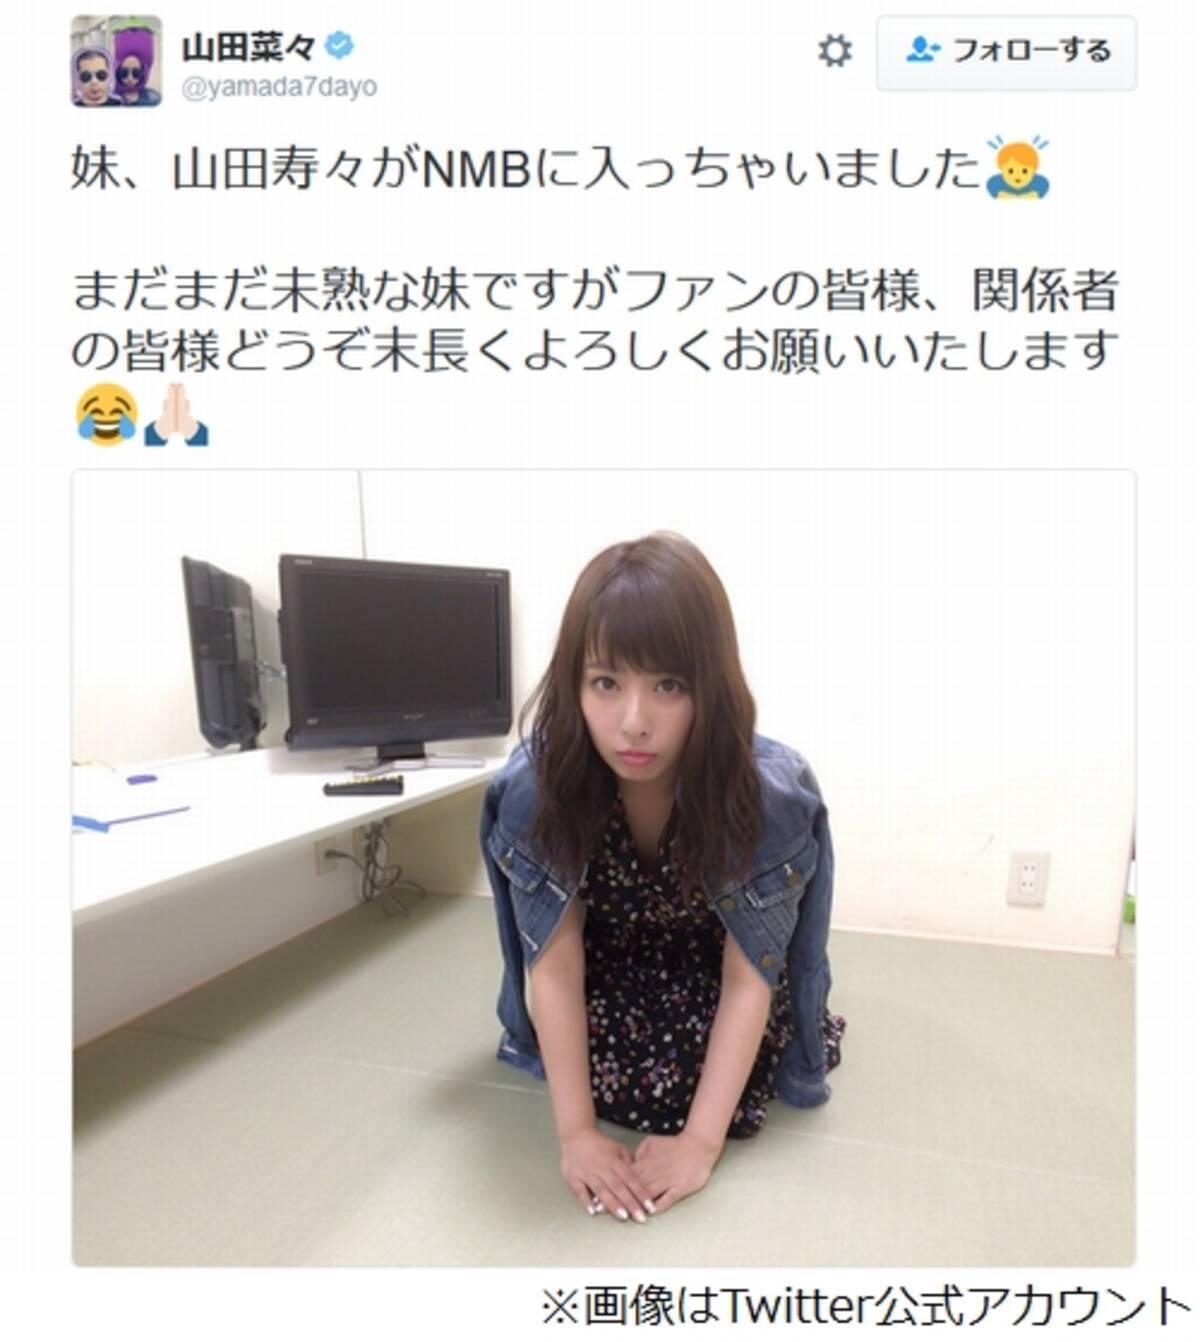 山田菜々が妹のNMB加入報告、弟の中山優馬含めきょうだい3人アイドル ...